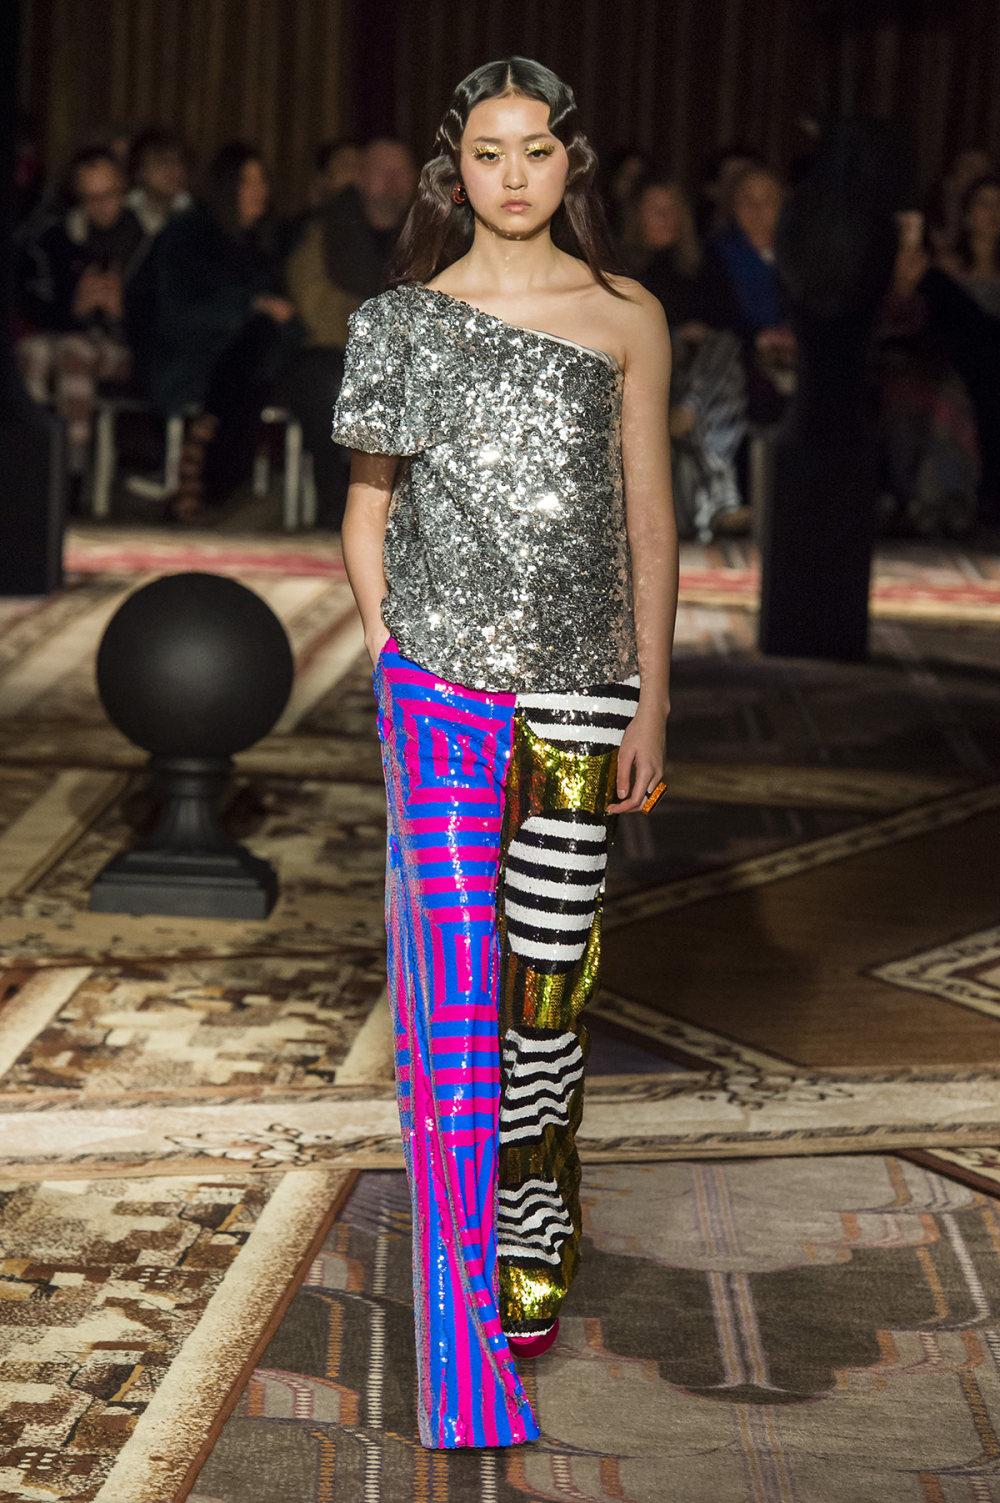 Halpern时装系列将幻想印花应用于宽大的缎面外套展示垂褶技巧-24.jpg